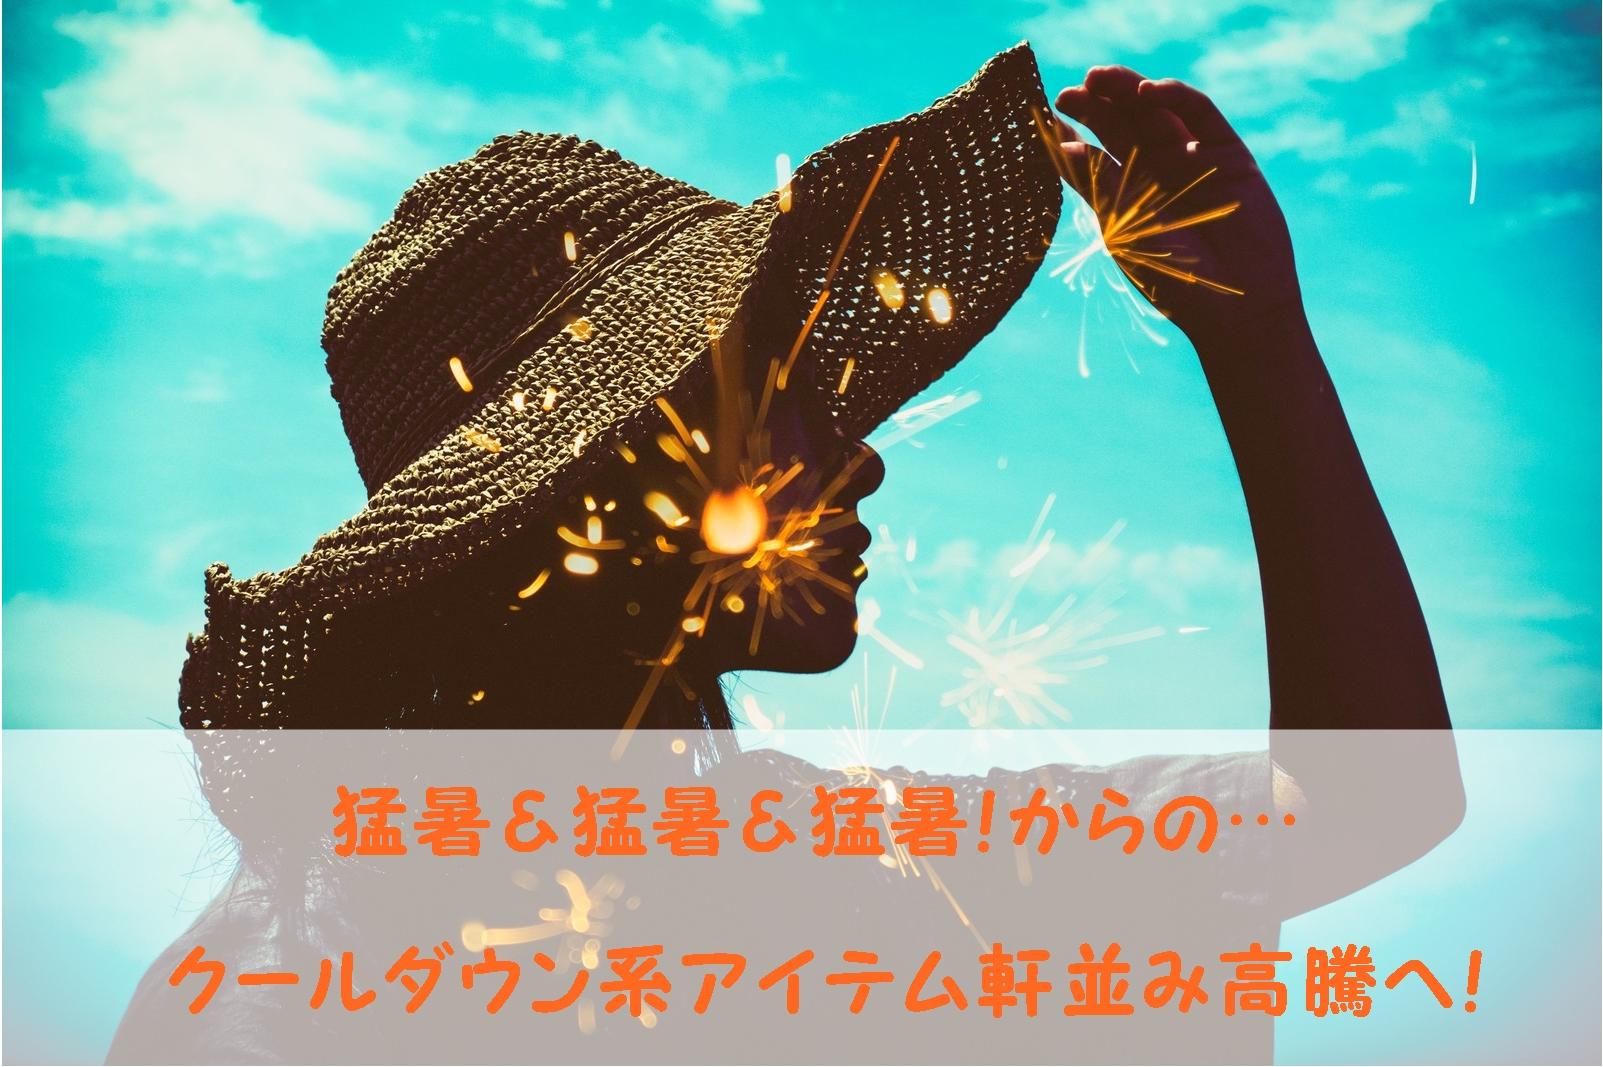 猛暑&猛暑&猛暑!からの…クールダウン系アイテム軒並み高騰へ!